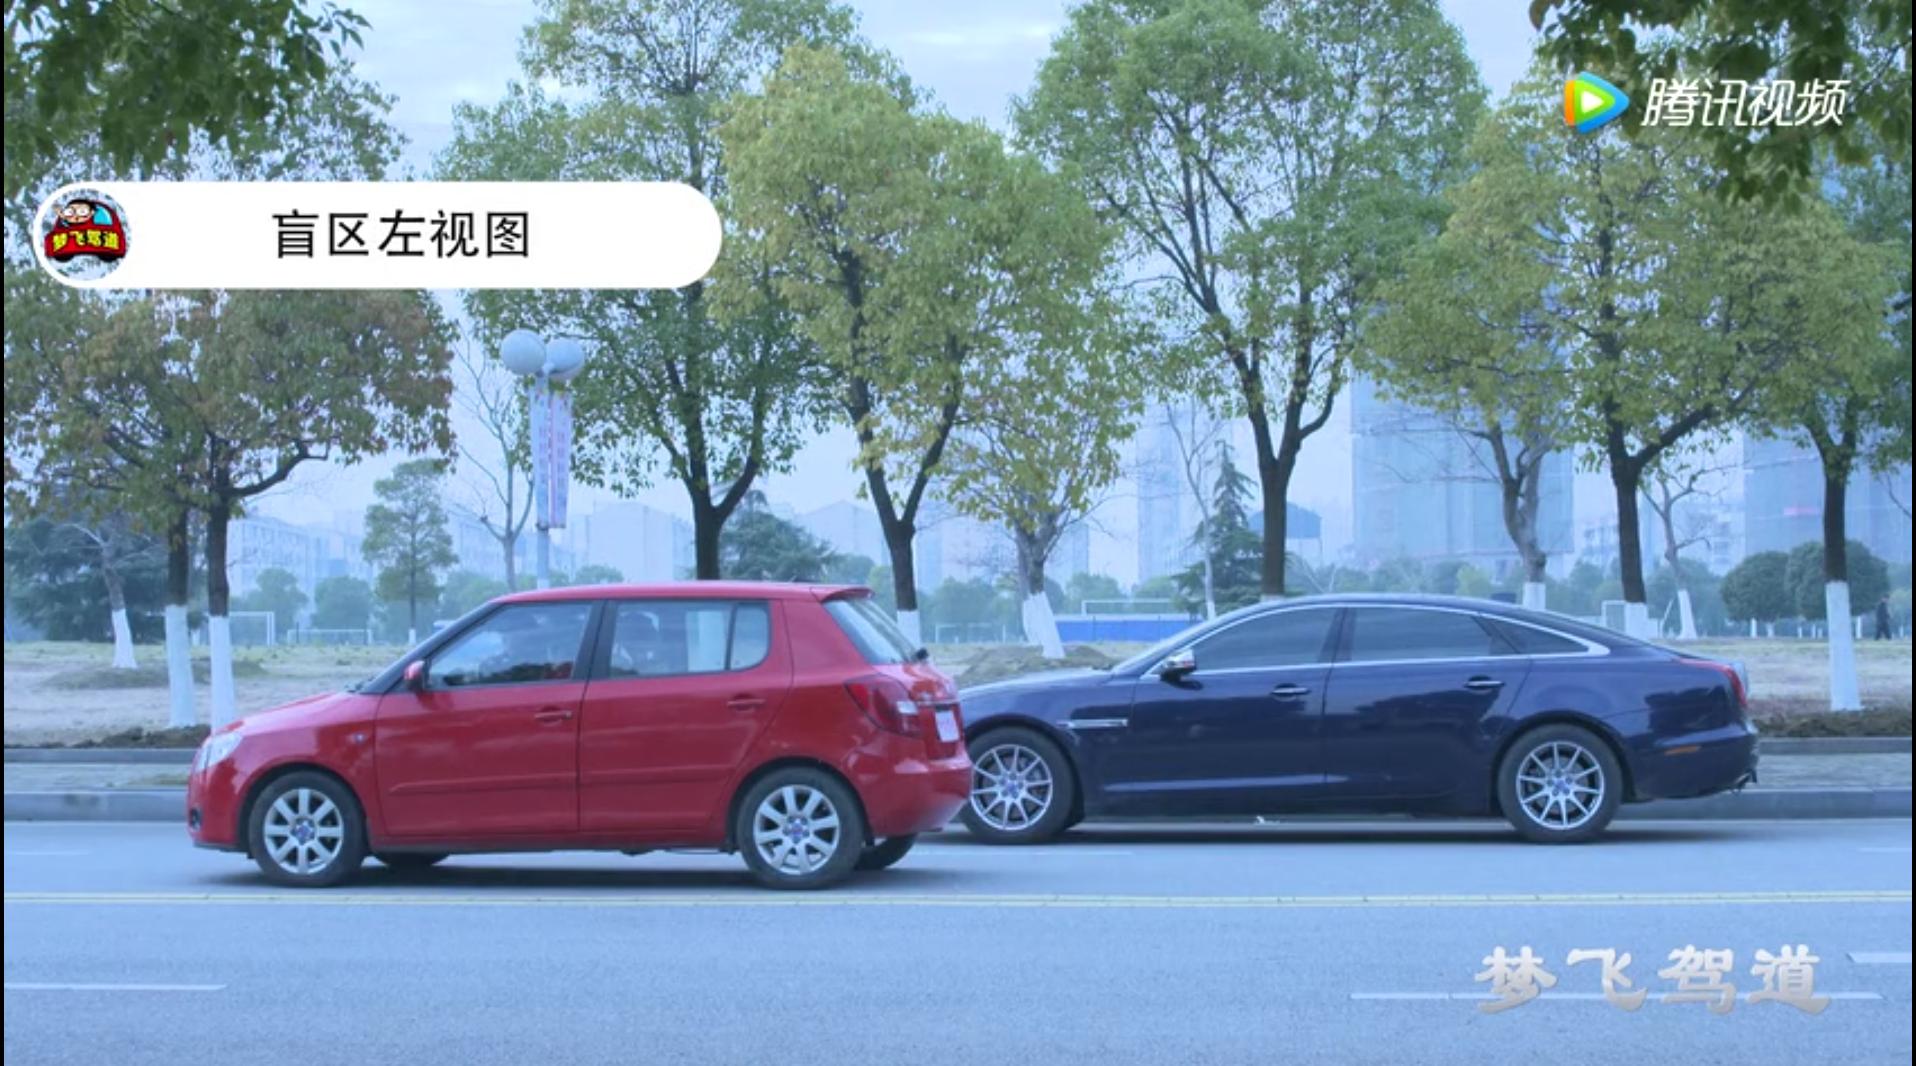 汽车后视镜盲区的解决方案